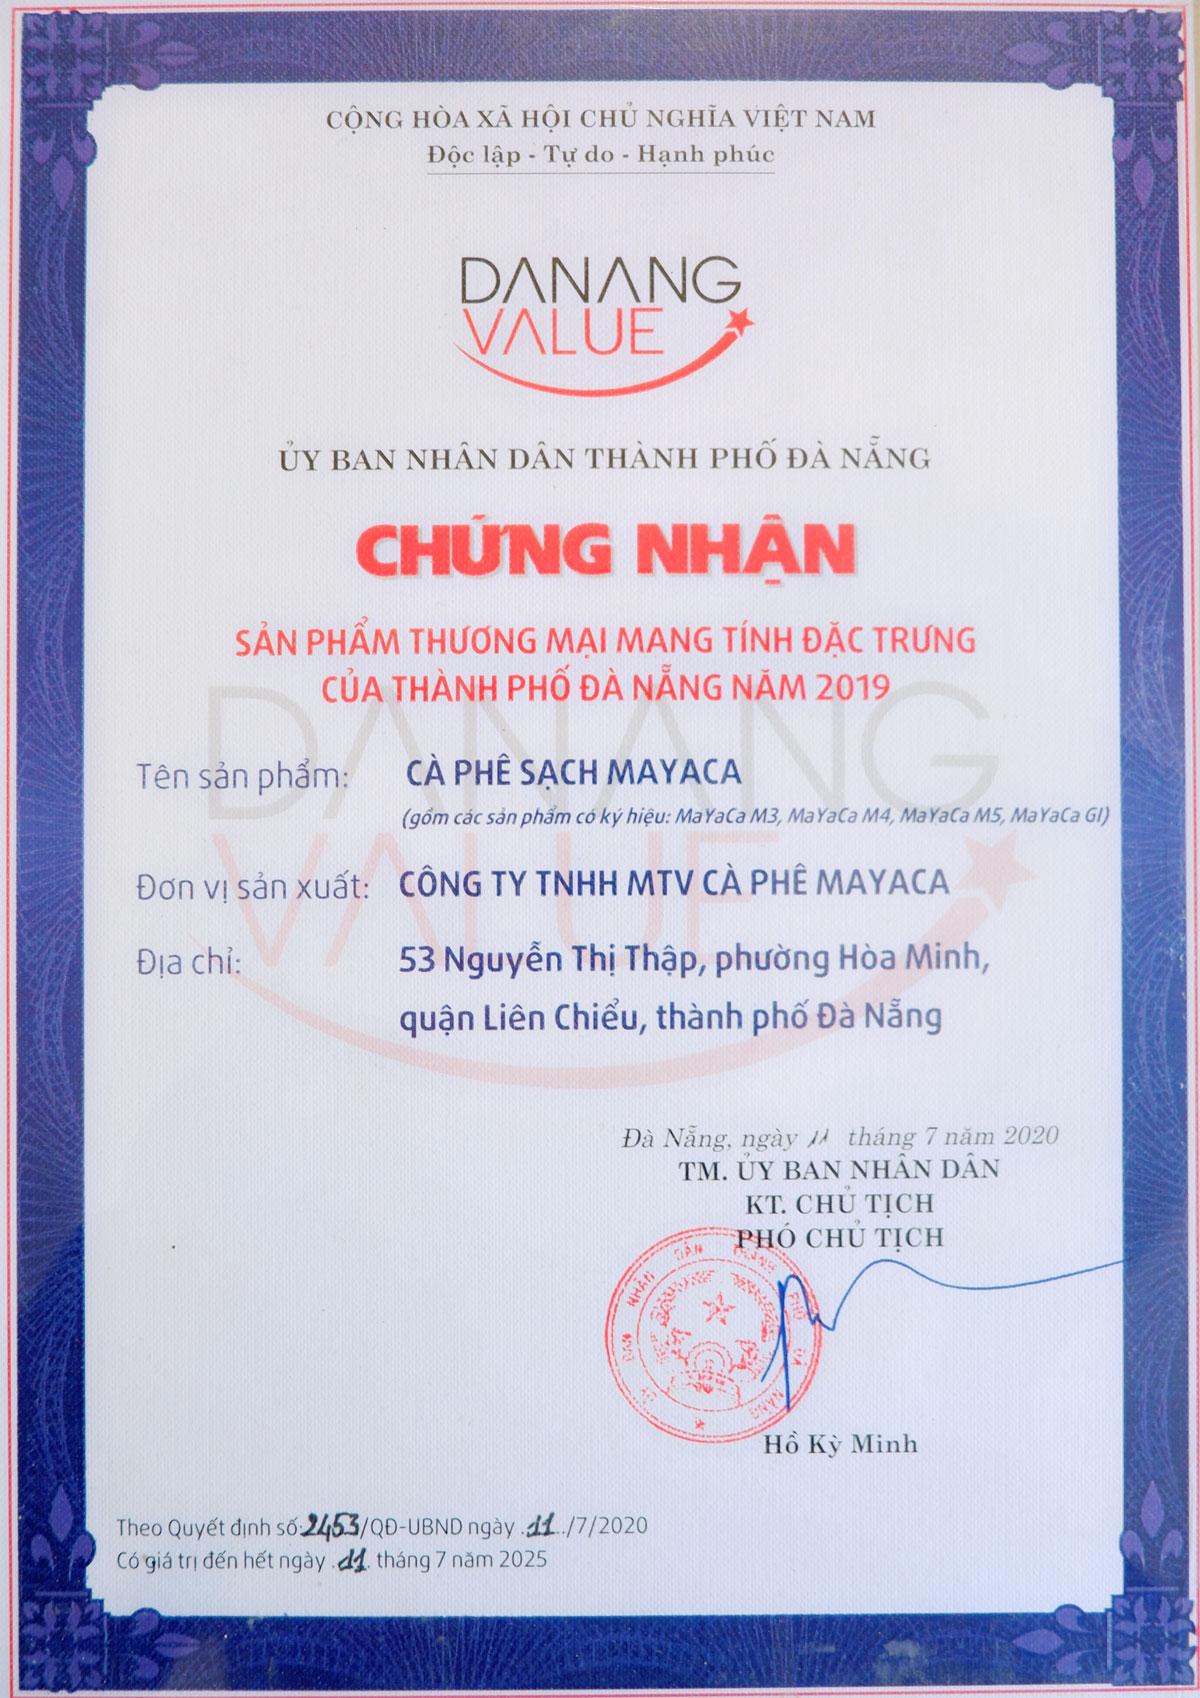 bang-chung-nhan-sp-thuong-mai-dac-trung-da-nang-2019-danh-cho-mayaca